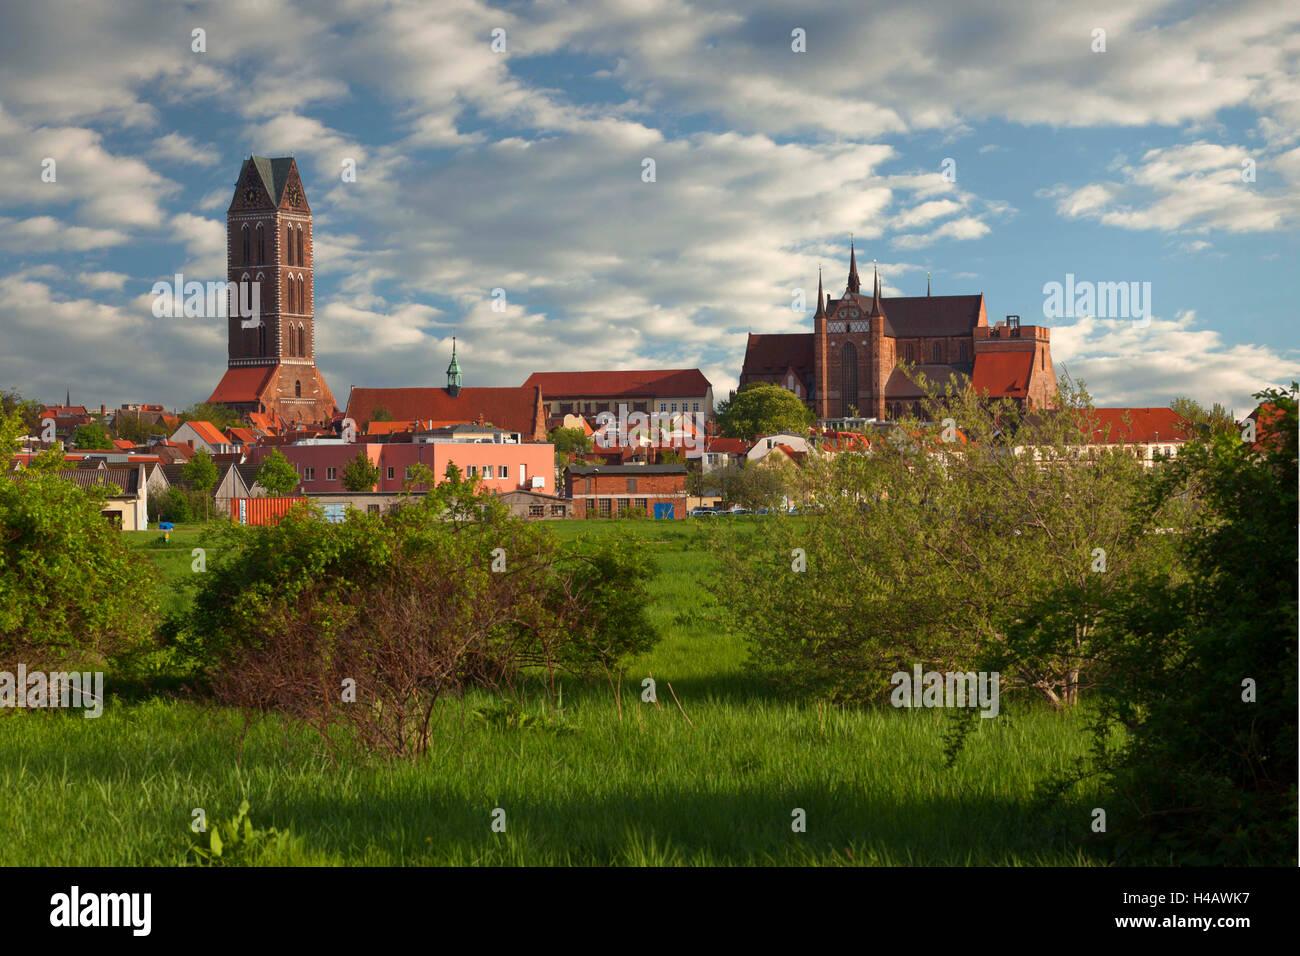 Germany, Mecklenburg-Western Pomerania, Wismar, St Mary's church, Nikolai church - Stock Image